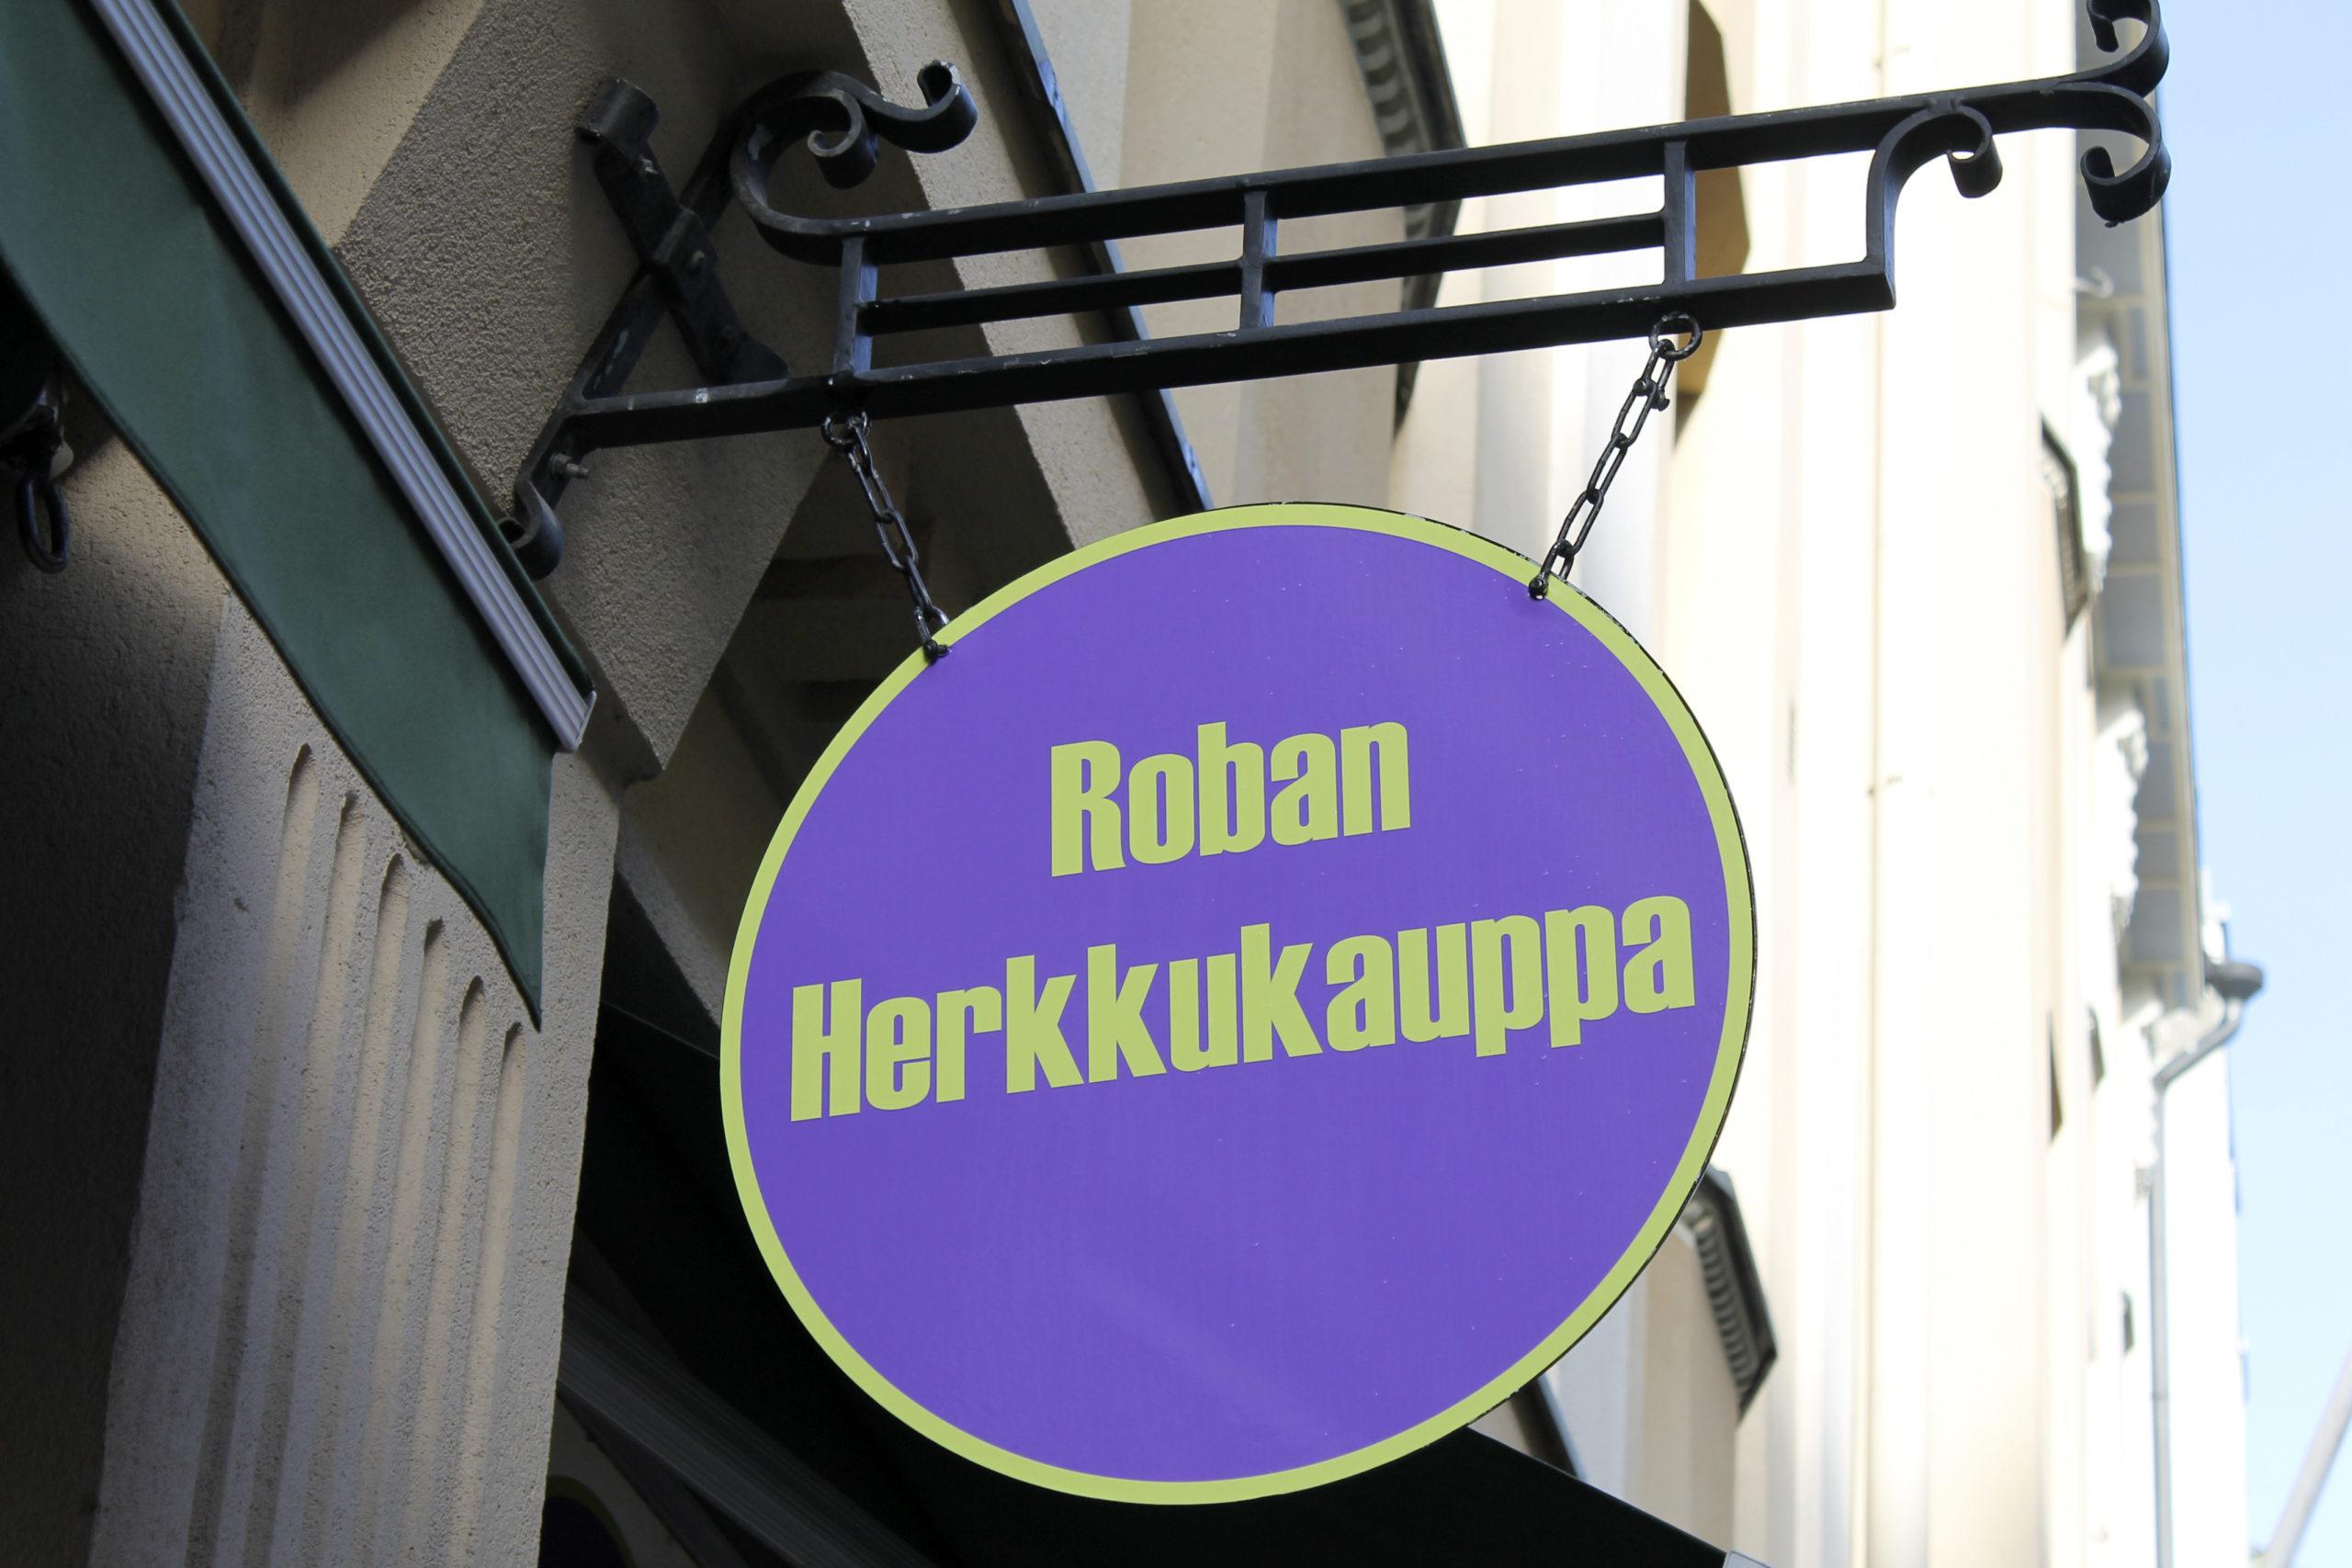 Roban herkkukauppa © Mira Maria Tikka